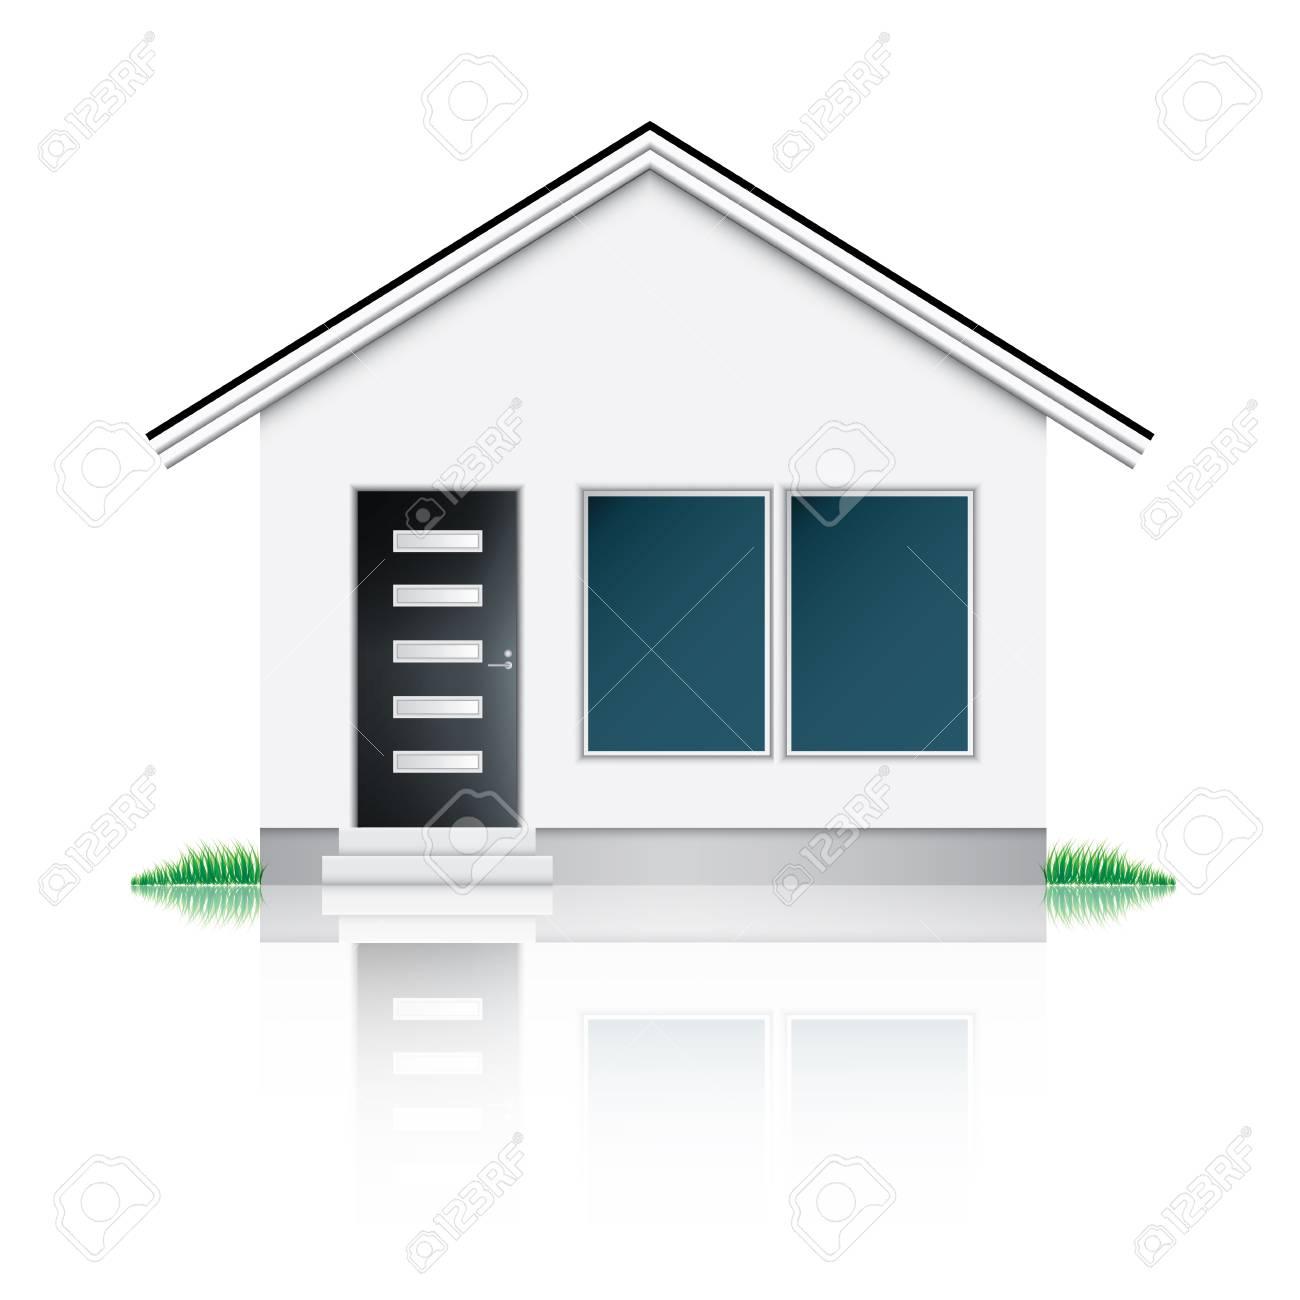 Modern house icon Stock Vector - 17666838